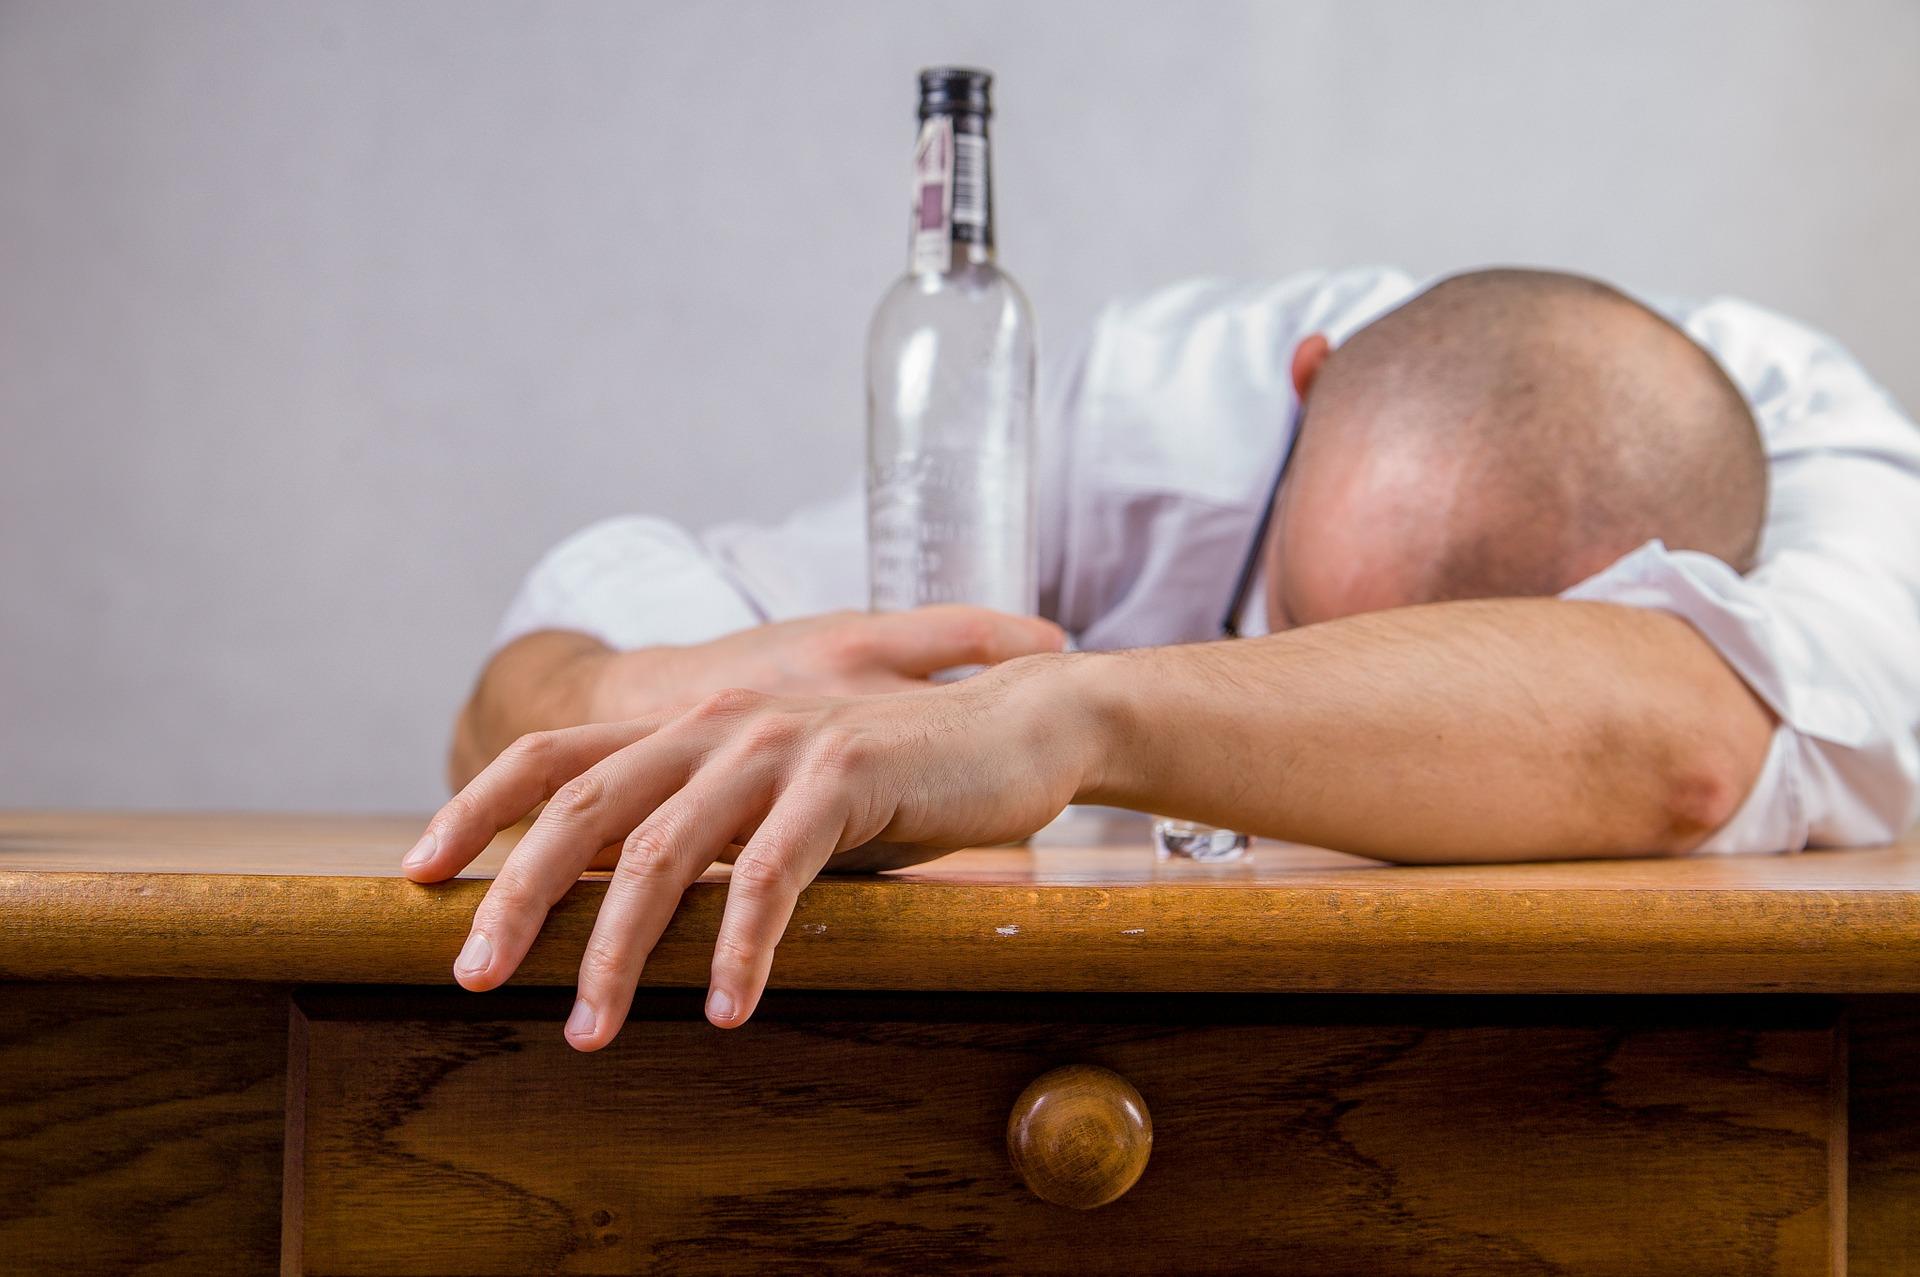 Snažíte se chřipku léčit alkoholem? Nedělejte to